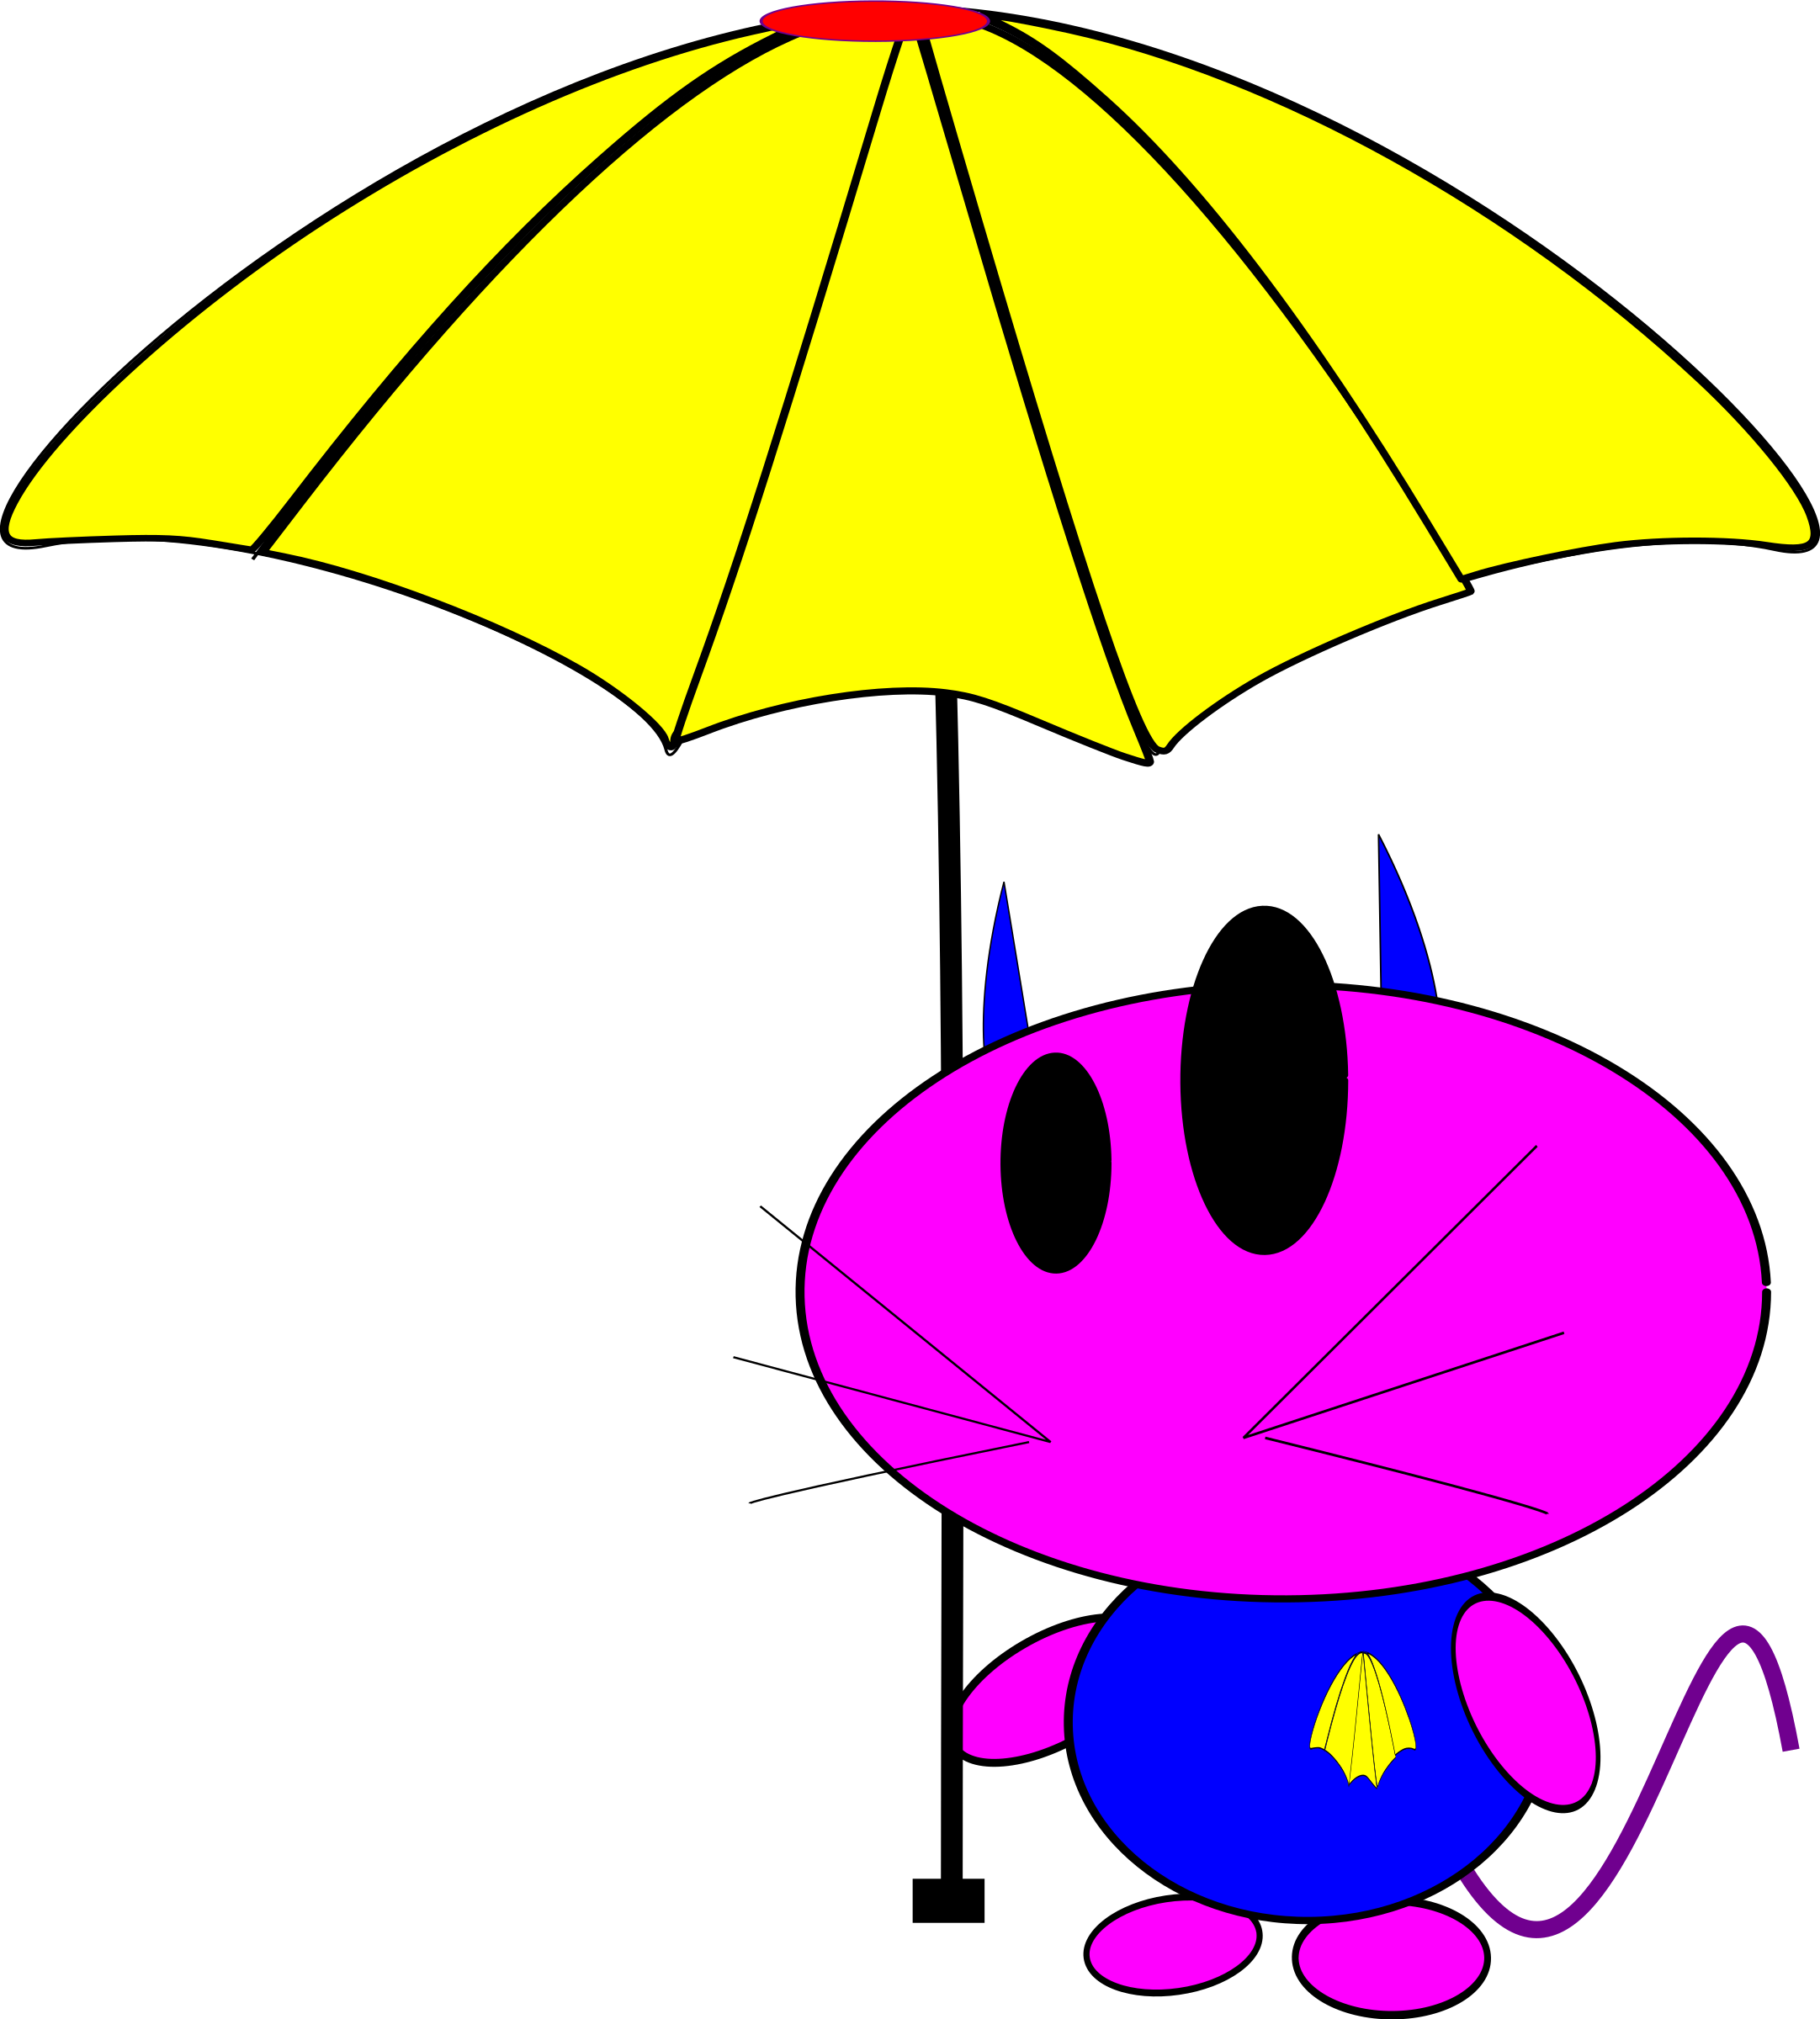 Purple cat clipart transparent download Clipart - cat bo with umbrella transparent download